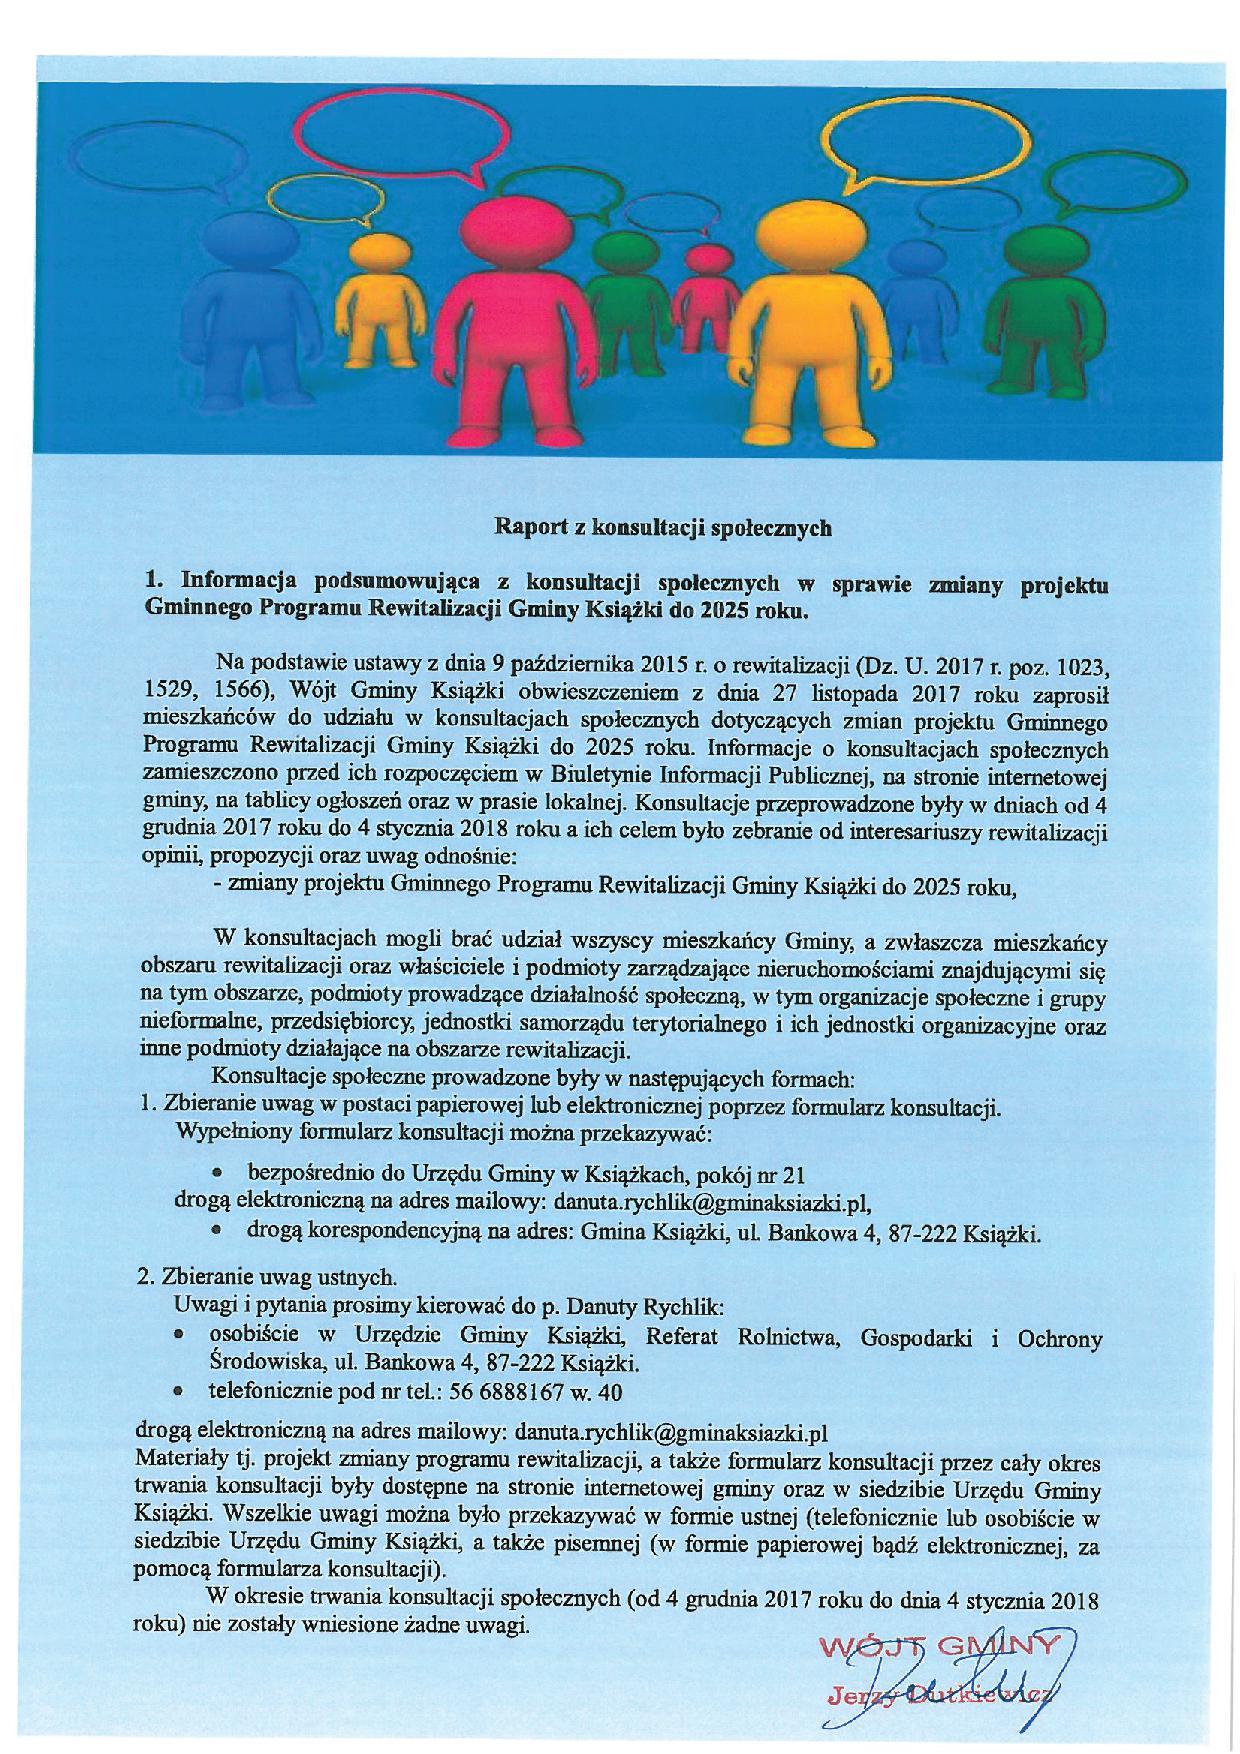 Raport z konsultacji spolecznych